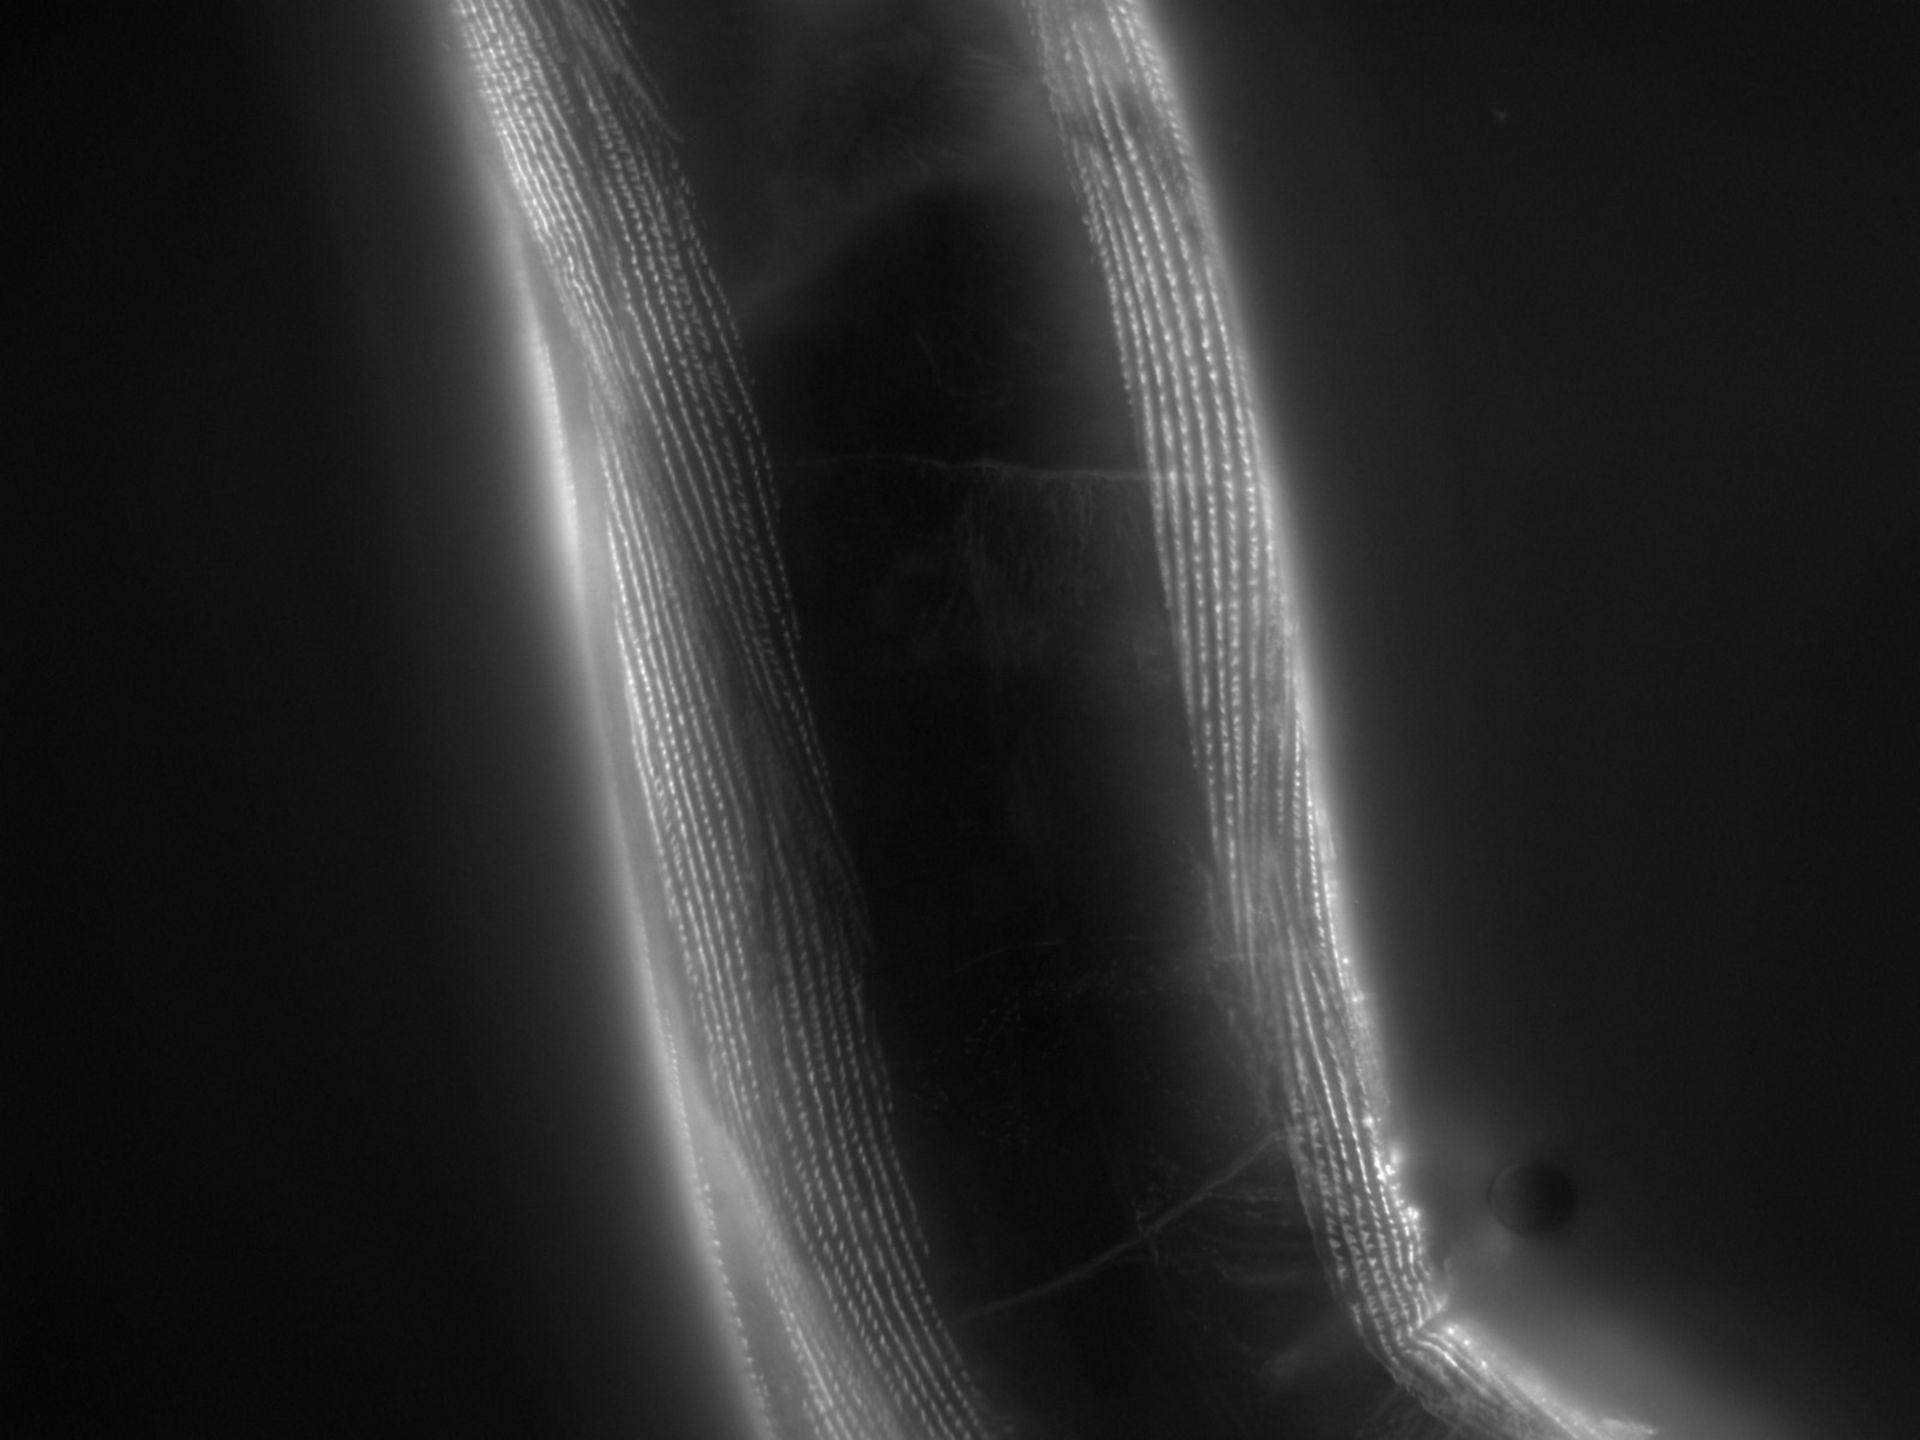 Caenorhabditis elegans (Actin filament) - CIL:1181